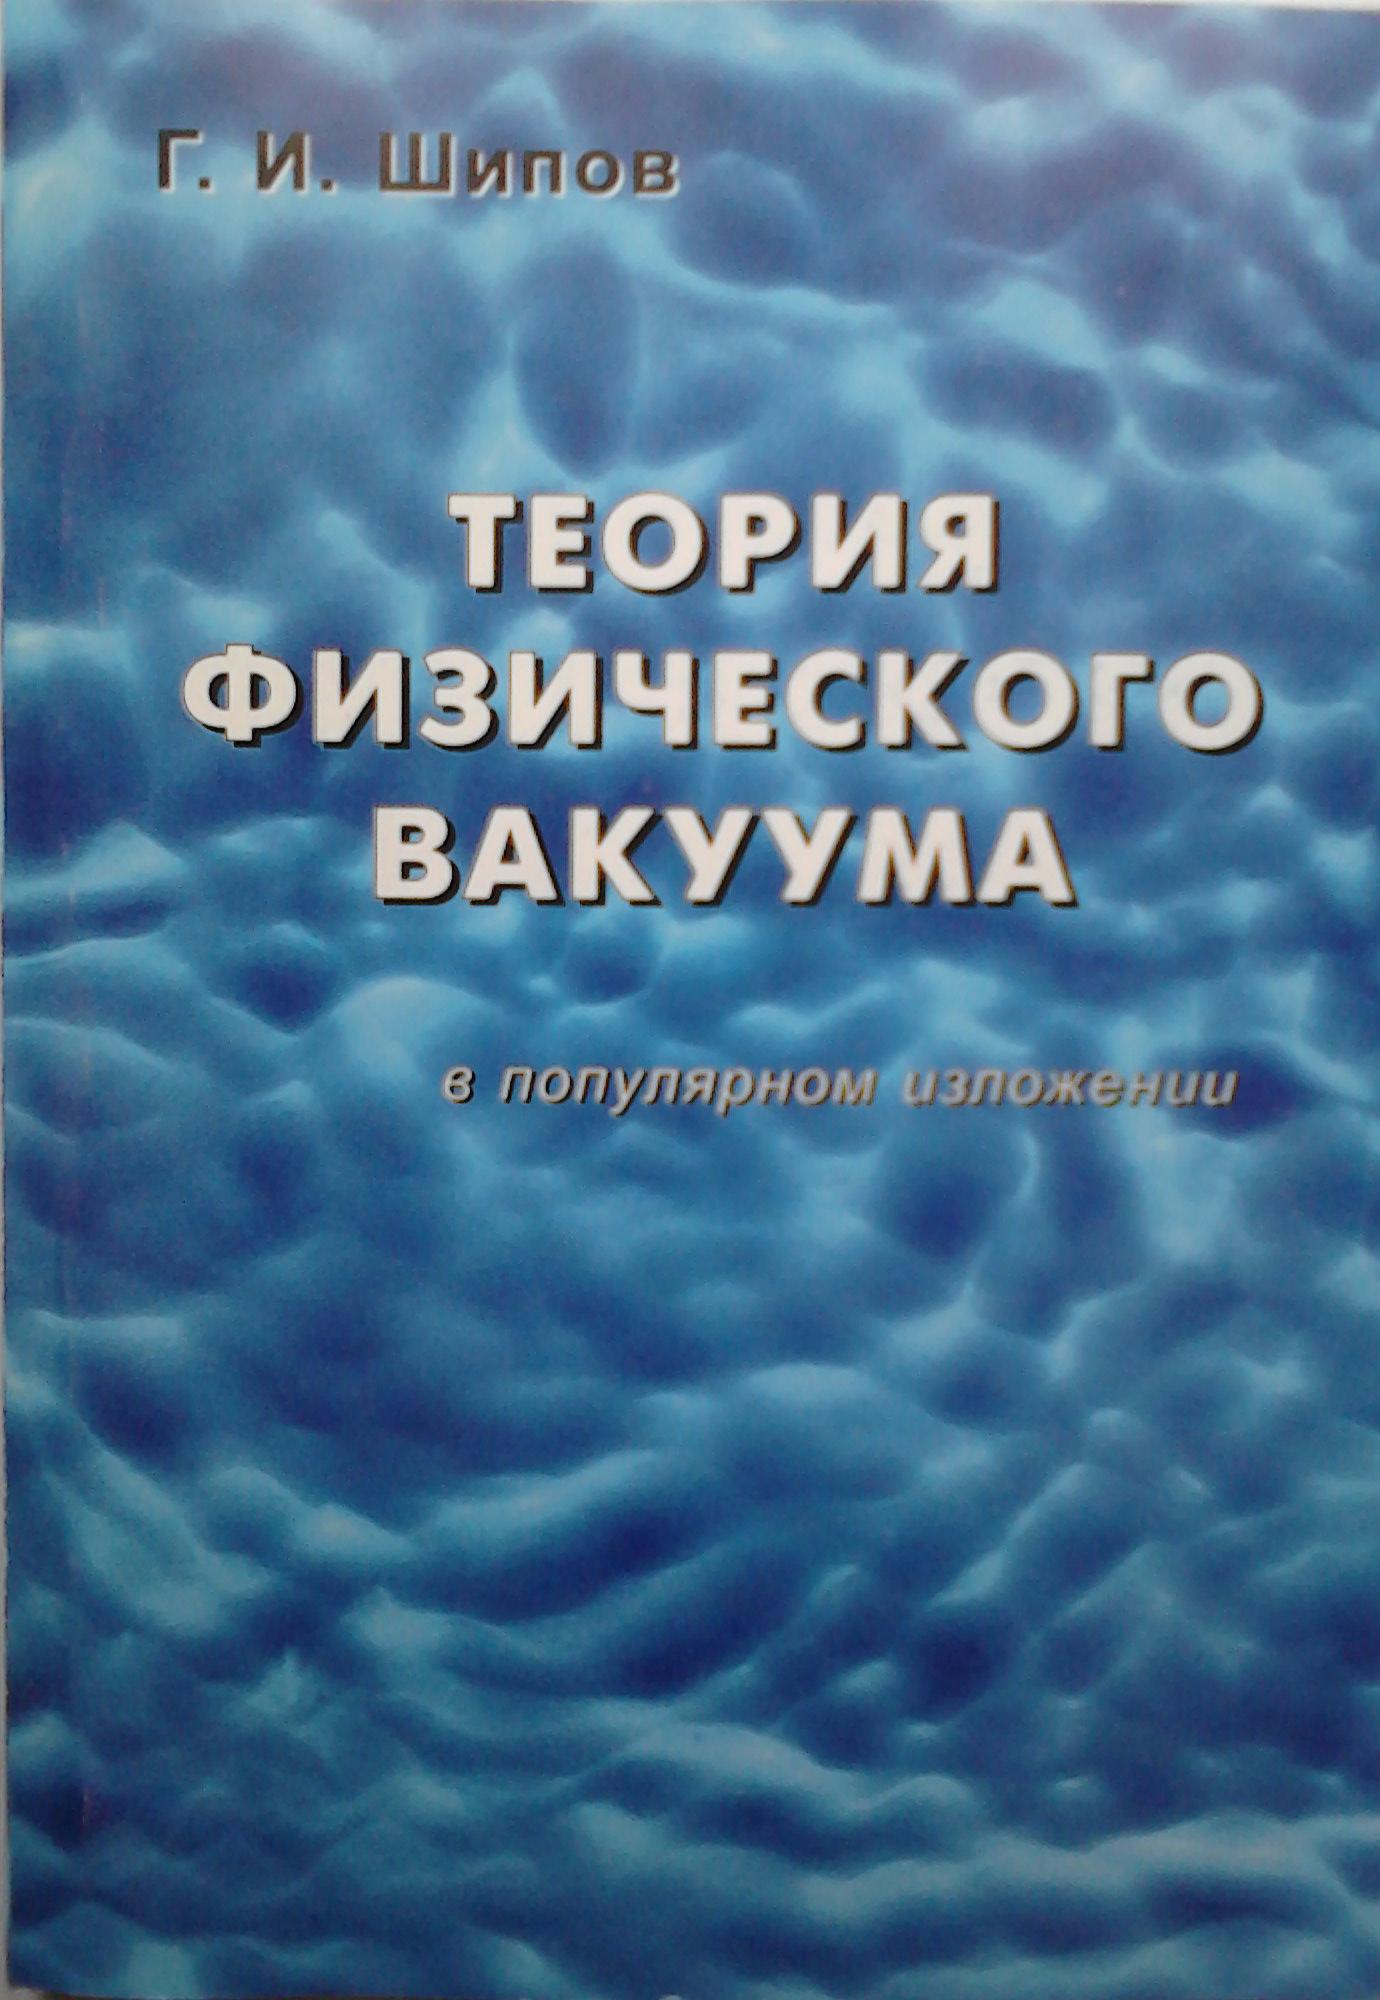 скачать бесплатно книгу теория физического вакуума